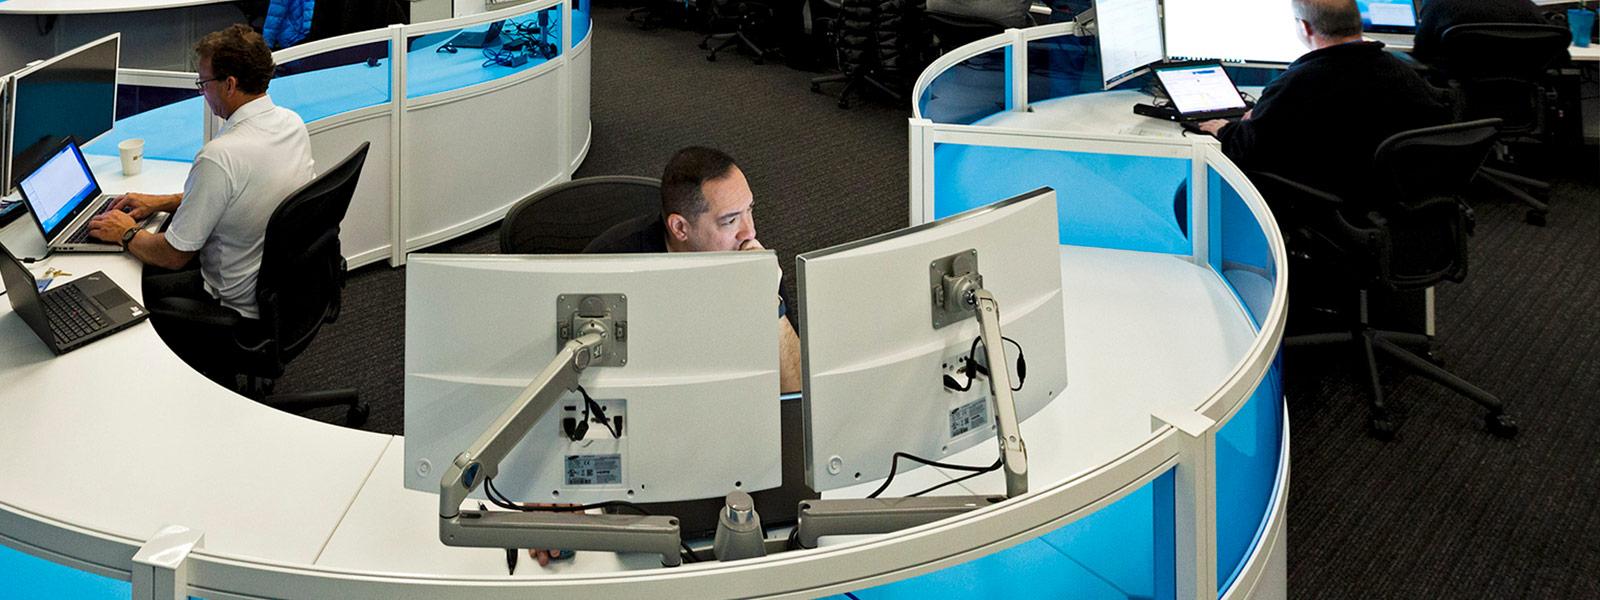 Mężczyzna w centrum cyberbezpieczeństwa patrzący na dwa monitory